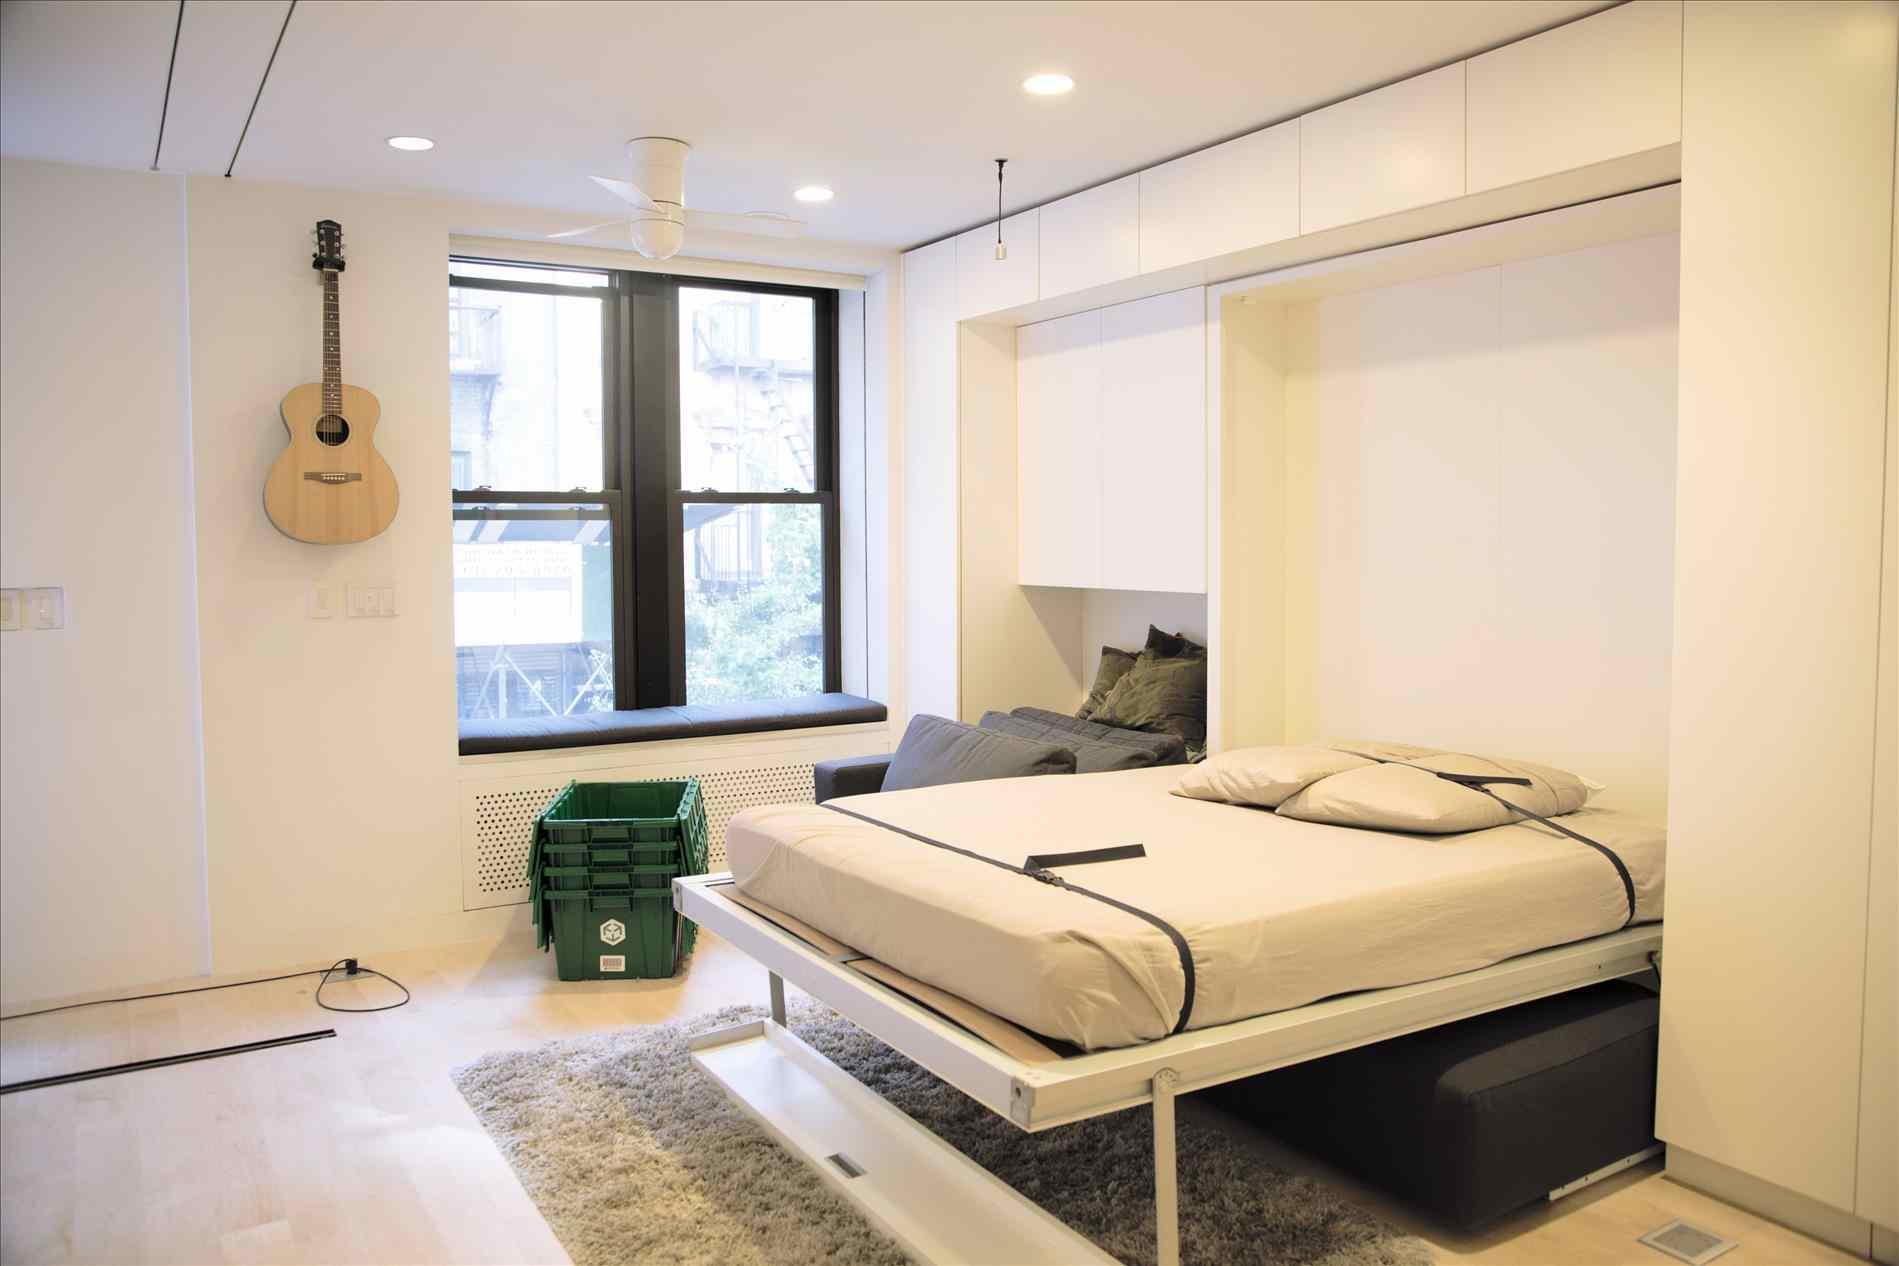 Гостиная спальня с кроватью трансформером